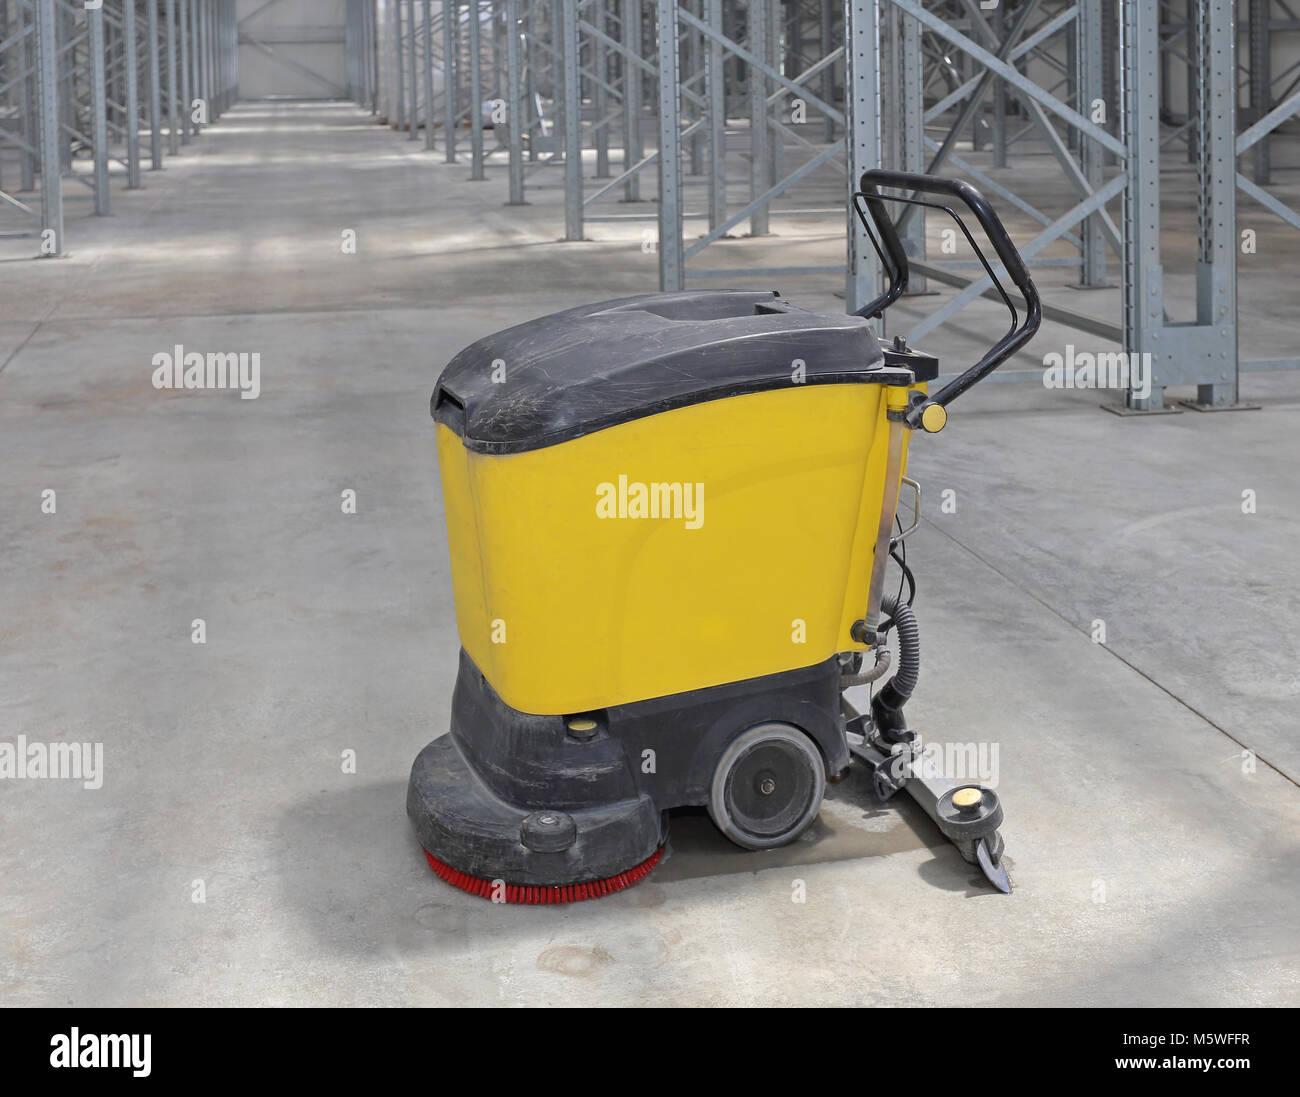 Gut gemocht Bodenscheuermaschine Stockfotos & Bodenscheuermaschine Bilder - Alamy CY89